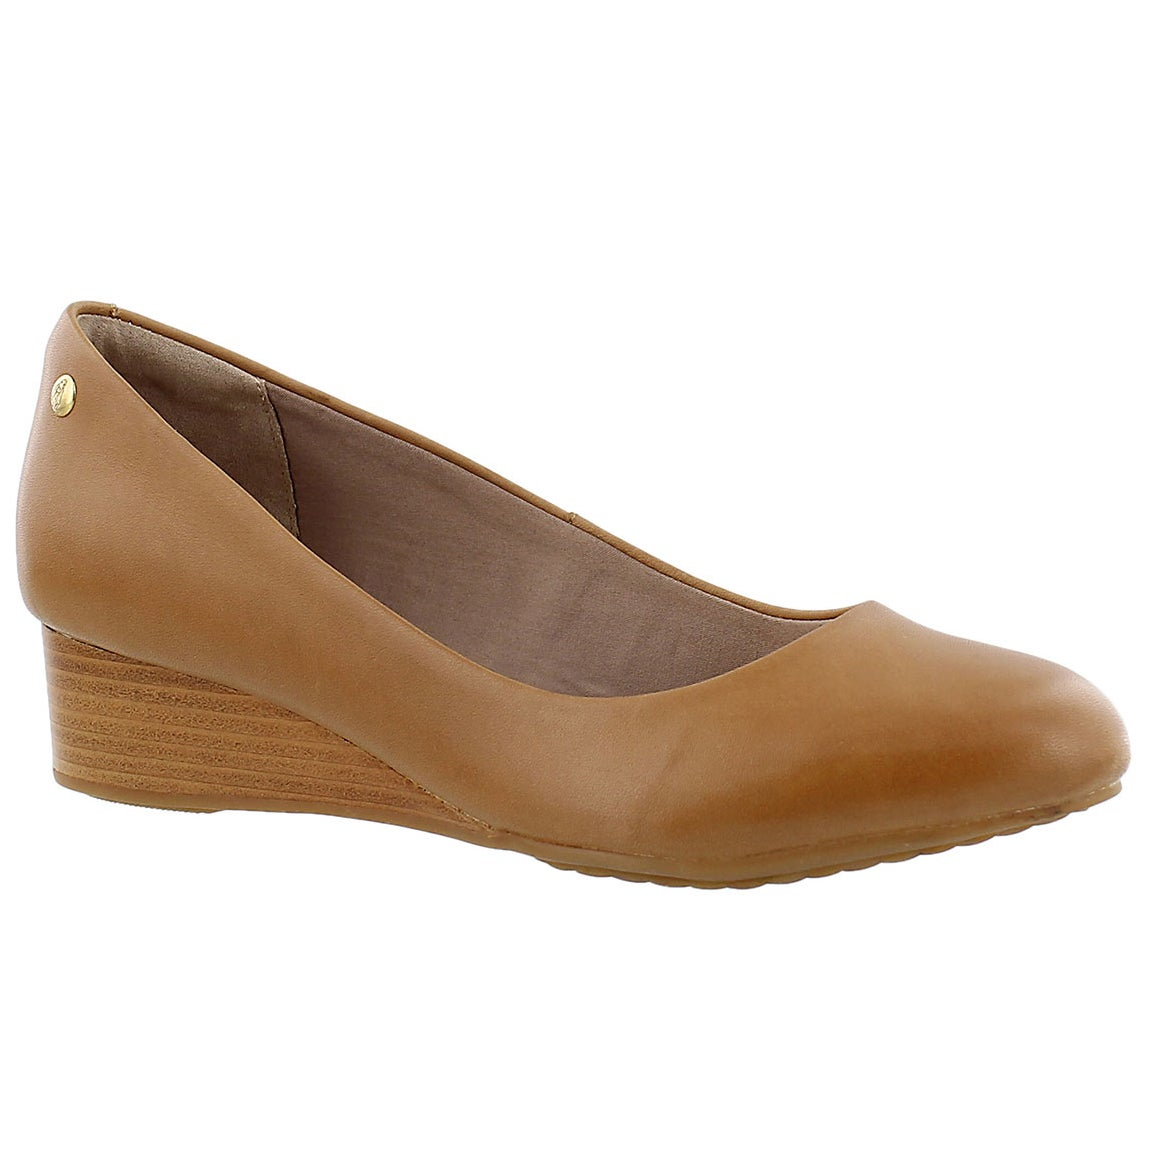 Women's DOT ADMIRE tan wedge dress shoes